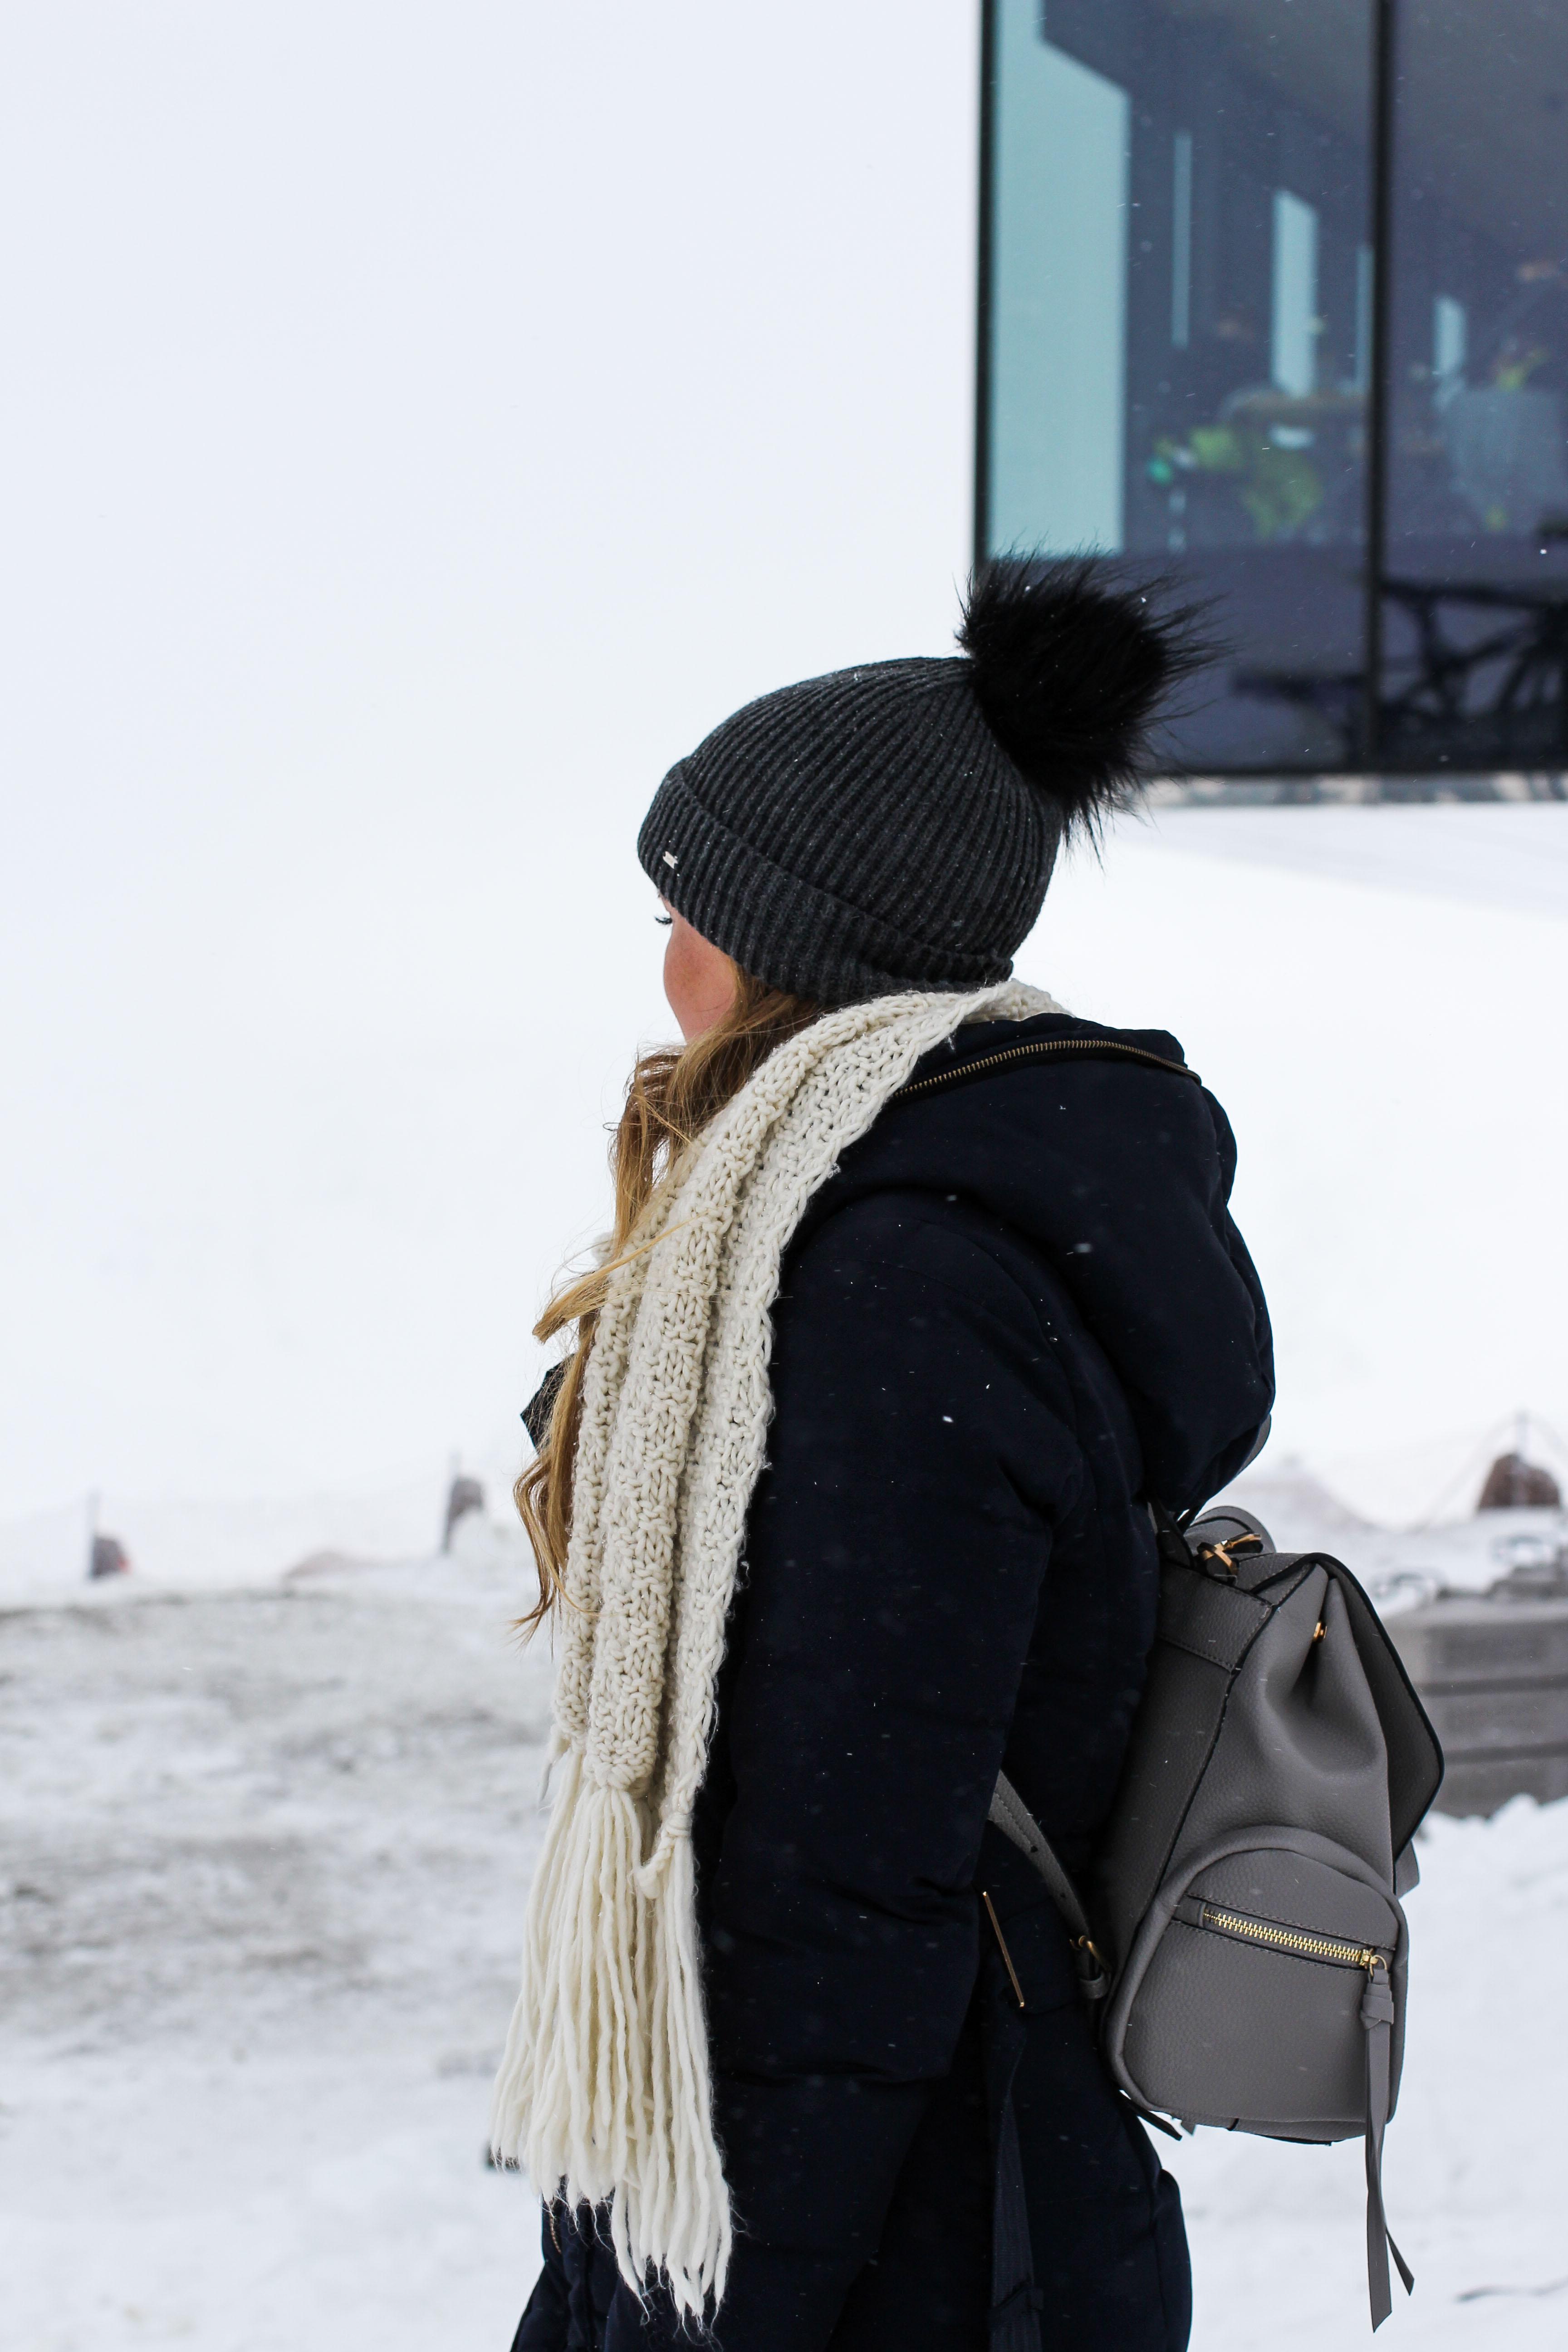 Reiseblog Winterjacke Mütze Schneeoutfit Gourmet-Restaurant Gipfelaussicht Berge Schnee iceQ Sölden Tirol Österreich James Bond Location Spectre 3000m Gaislachkogl